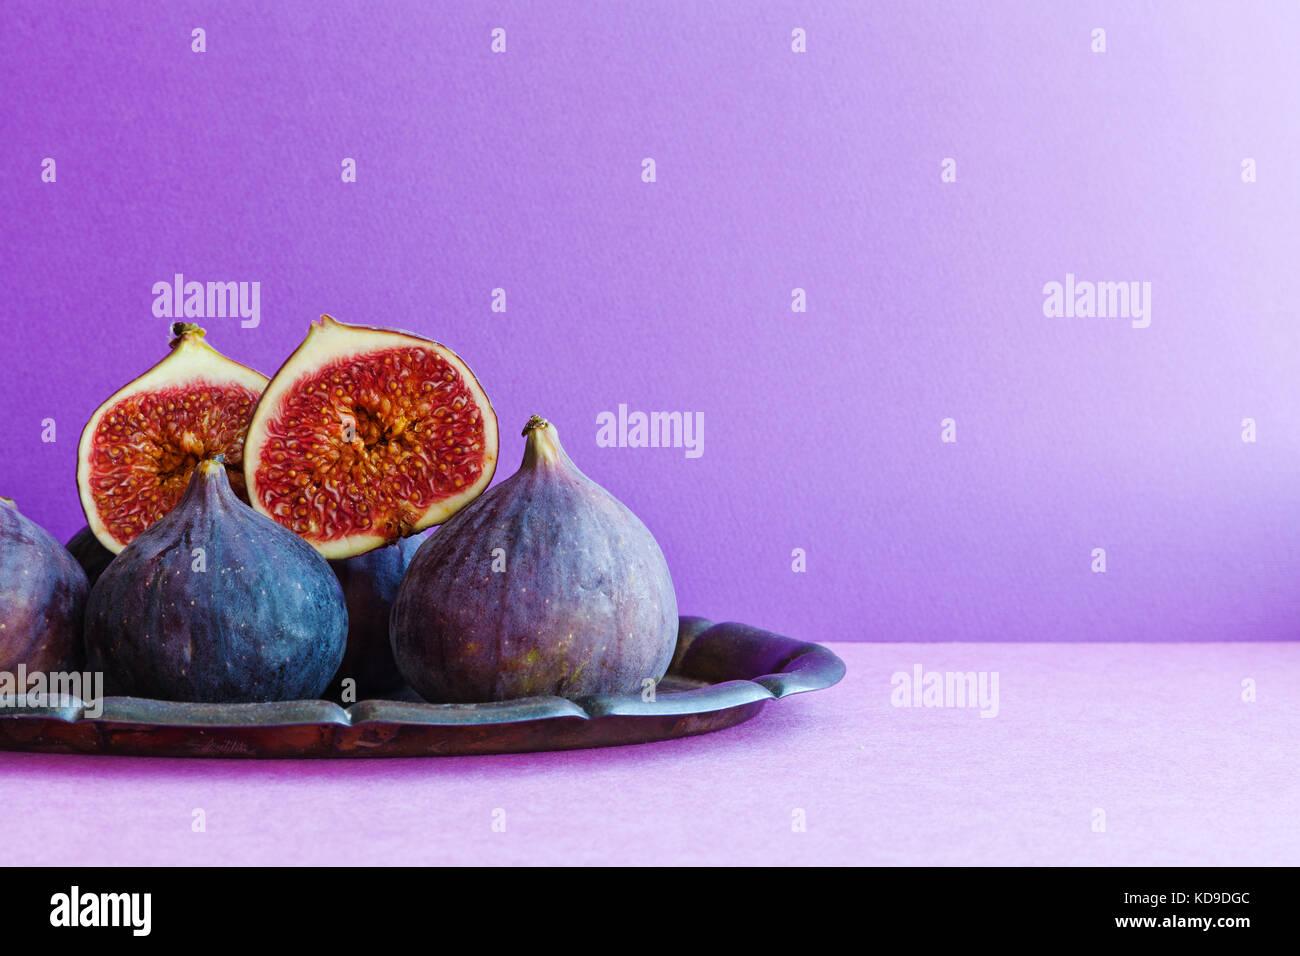 La vie toujours lumineux fig organiques fruits sur un vieux bac, beau violet pourpre. La photographie mise au point Photo Stock